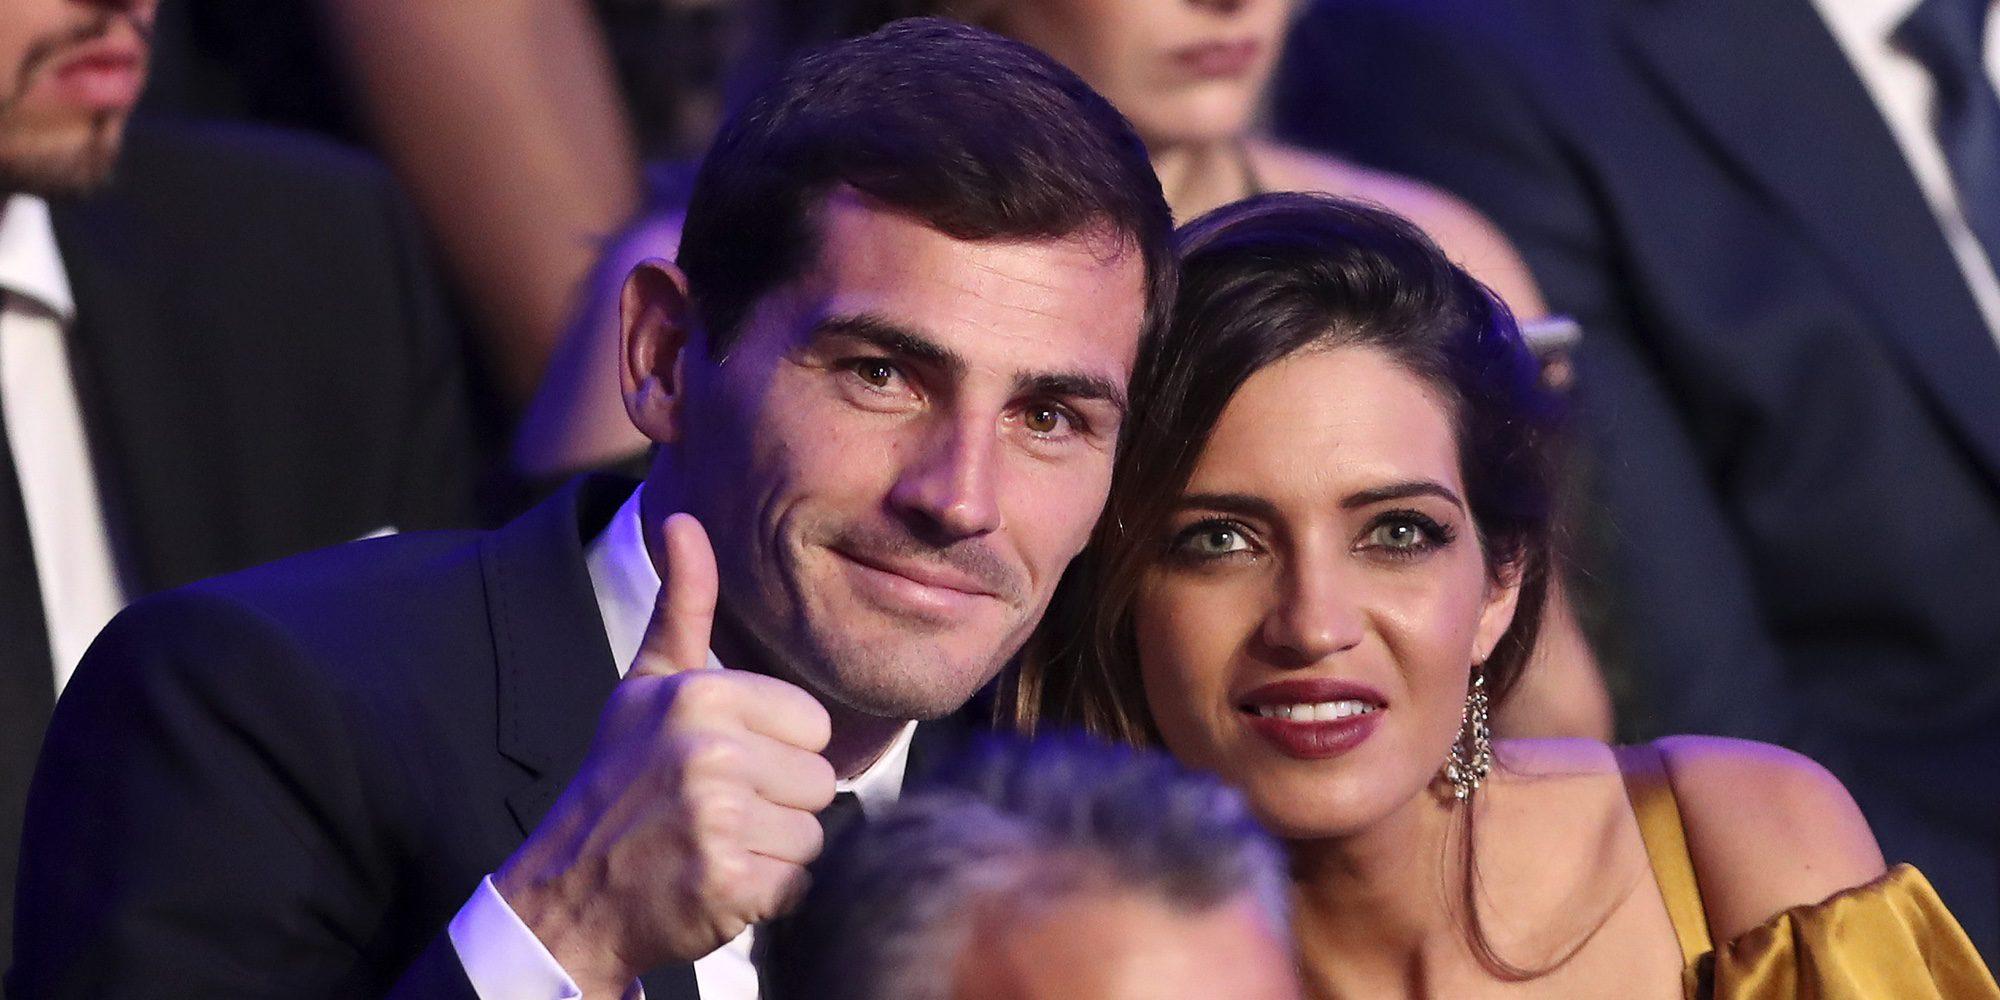 Sara Carbonero e Iker Casillas disfrutan de un paseo romántico y dominguero